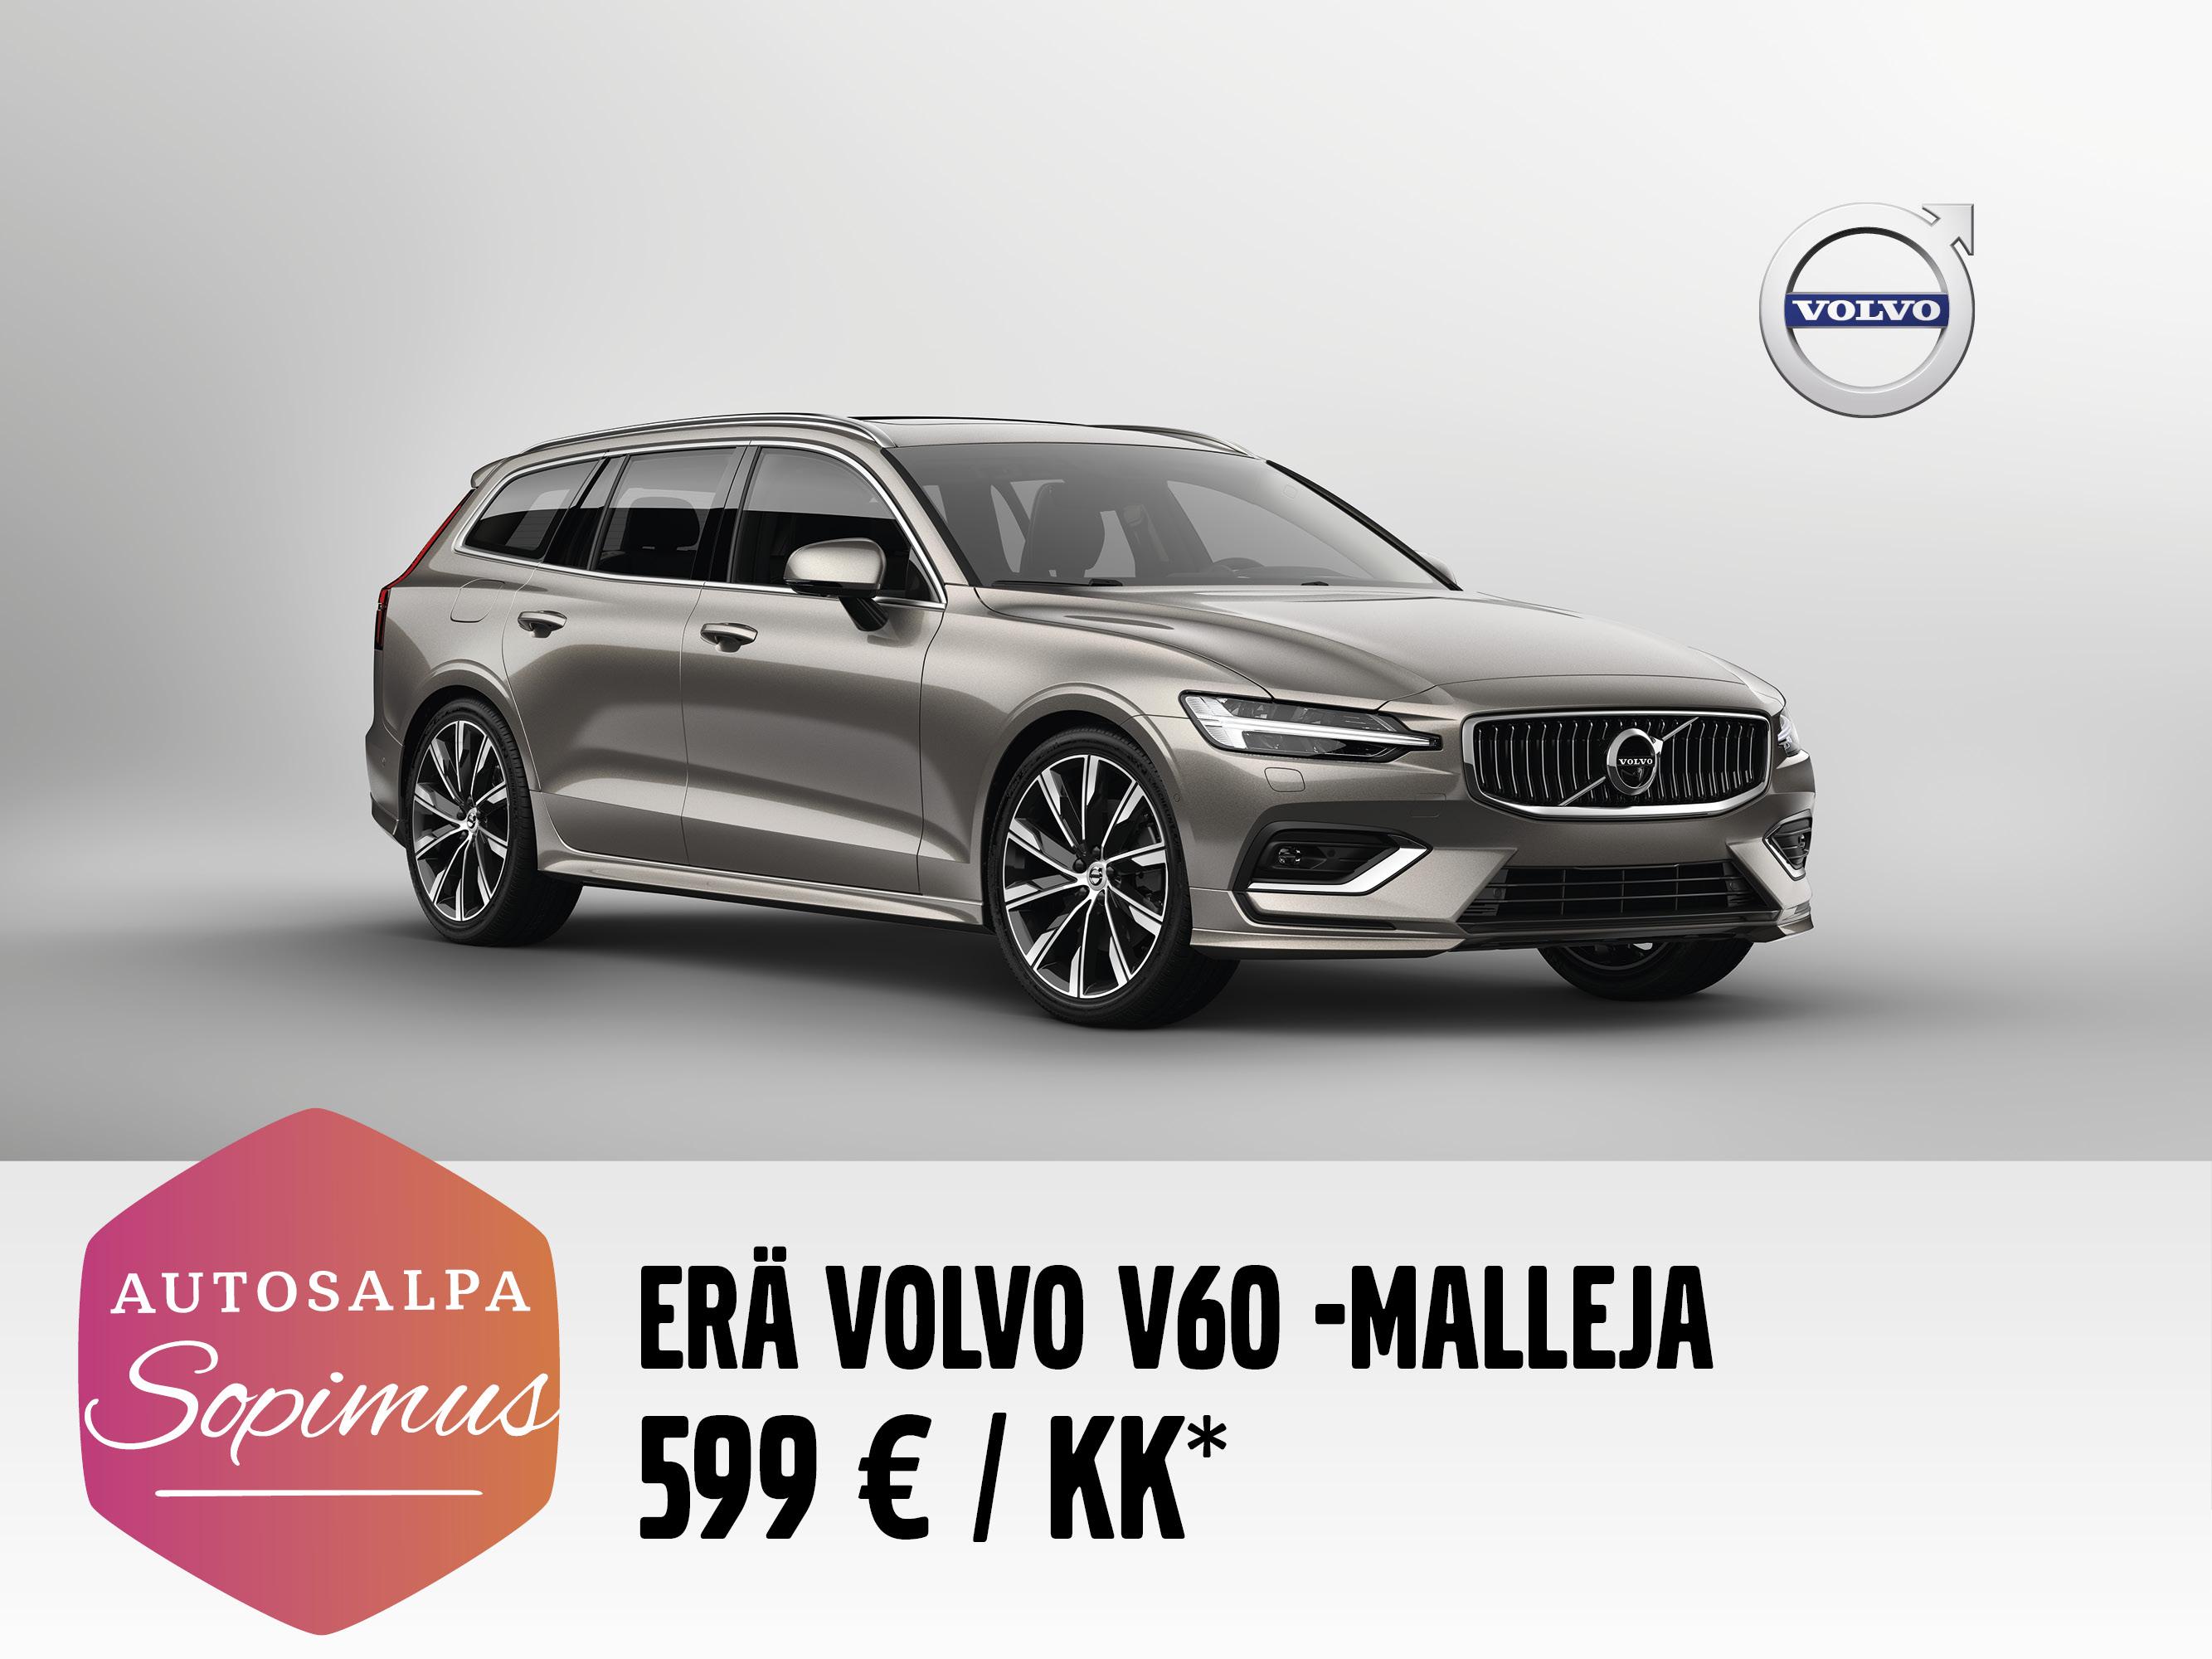 Volvo V60 tasaerin 599 € / kk